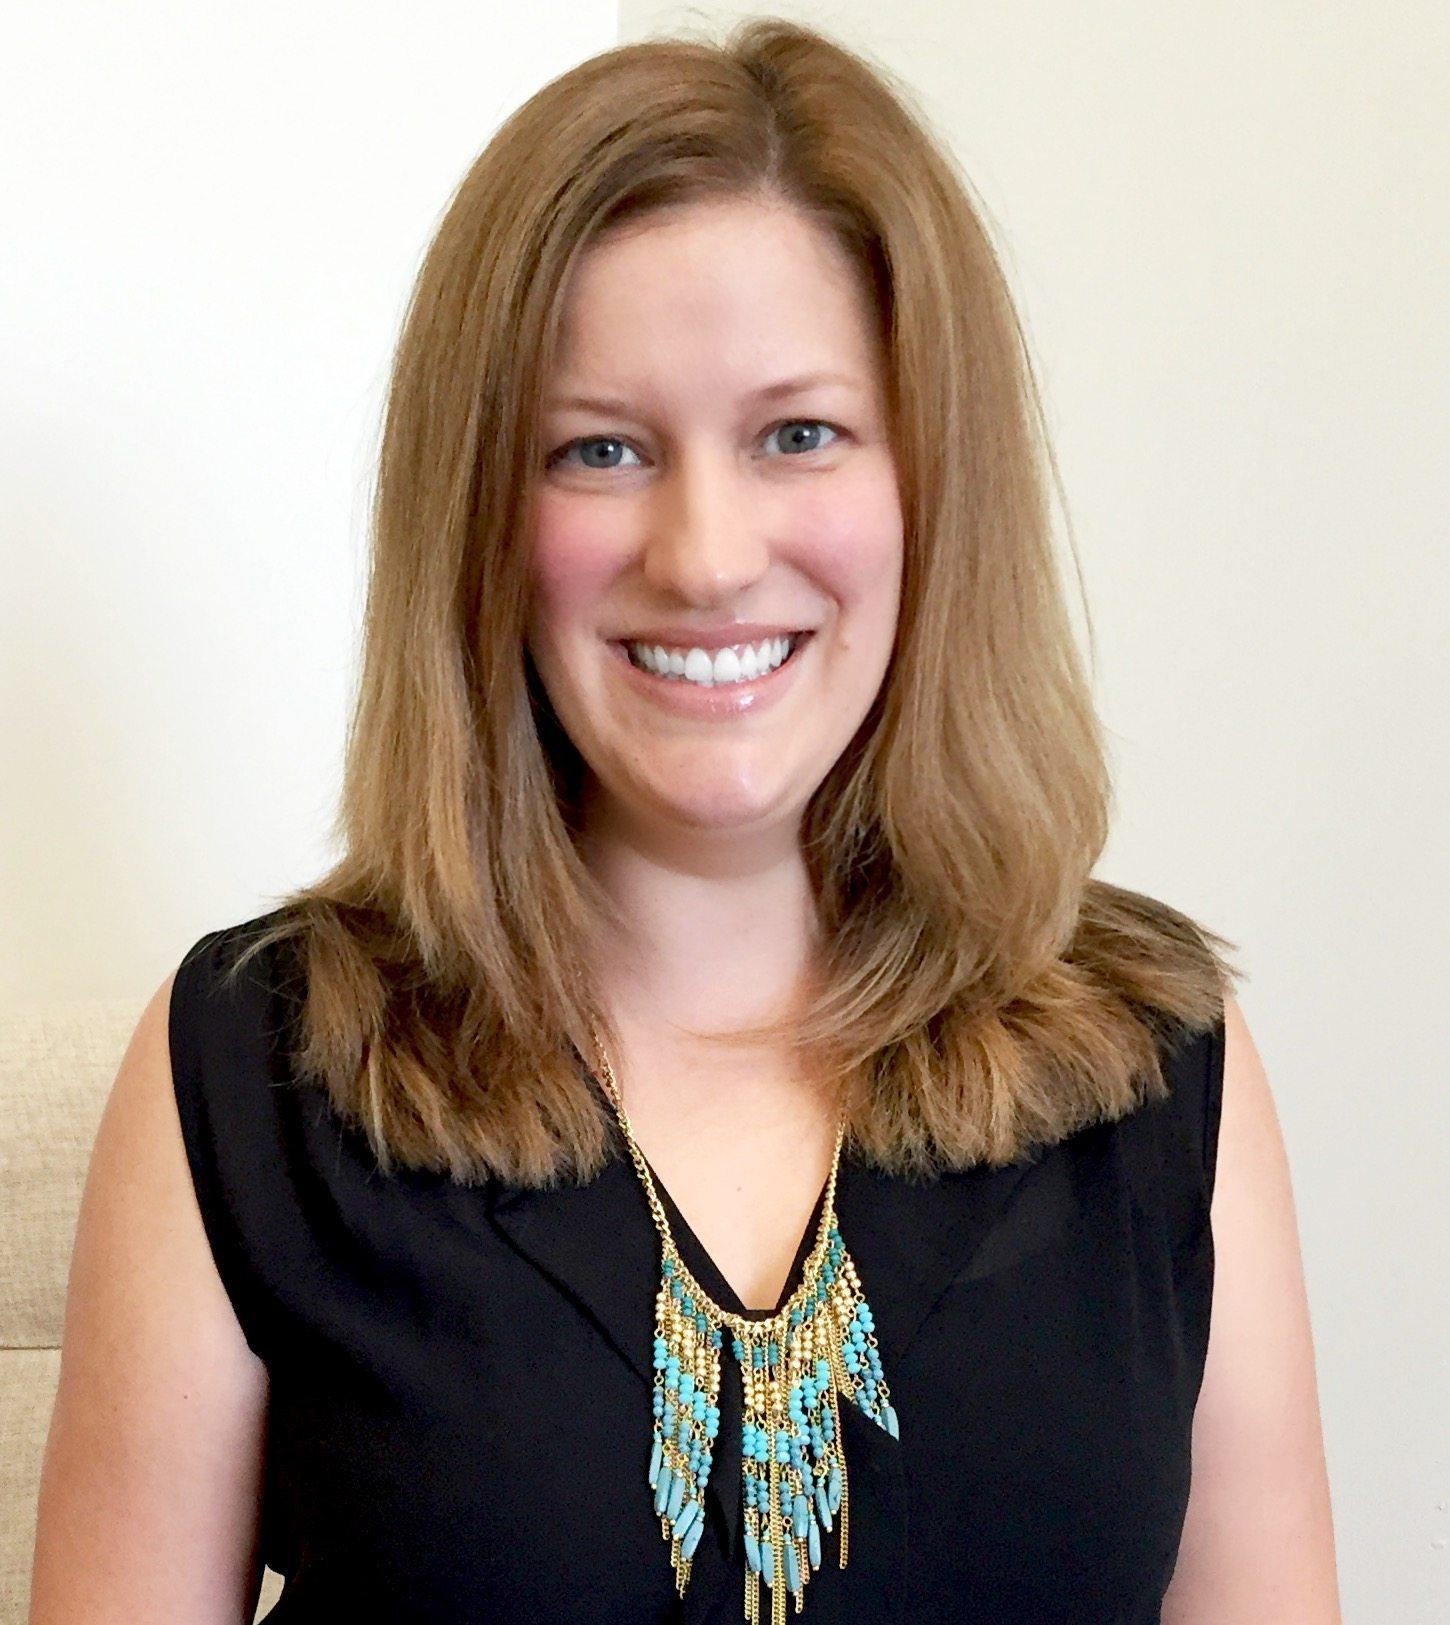 Brooke Wagner